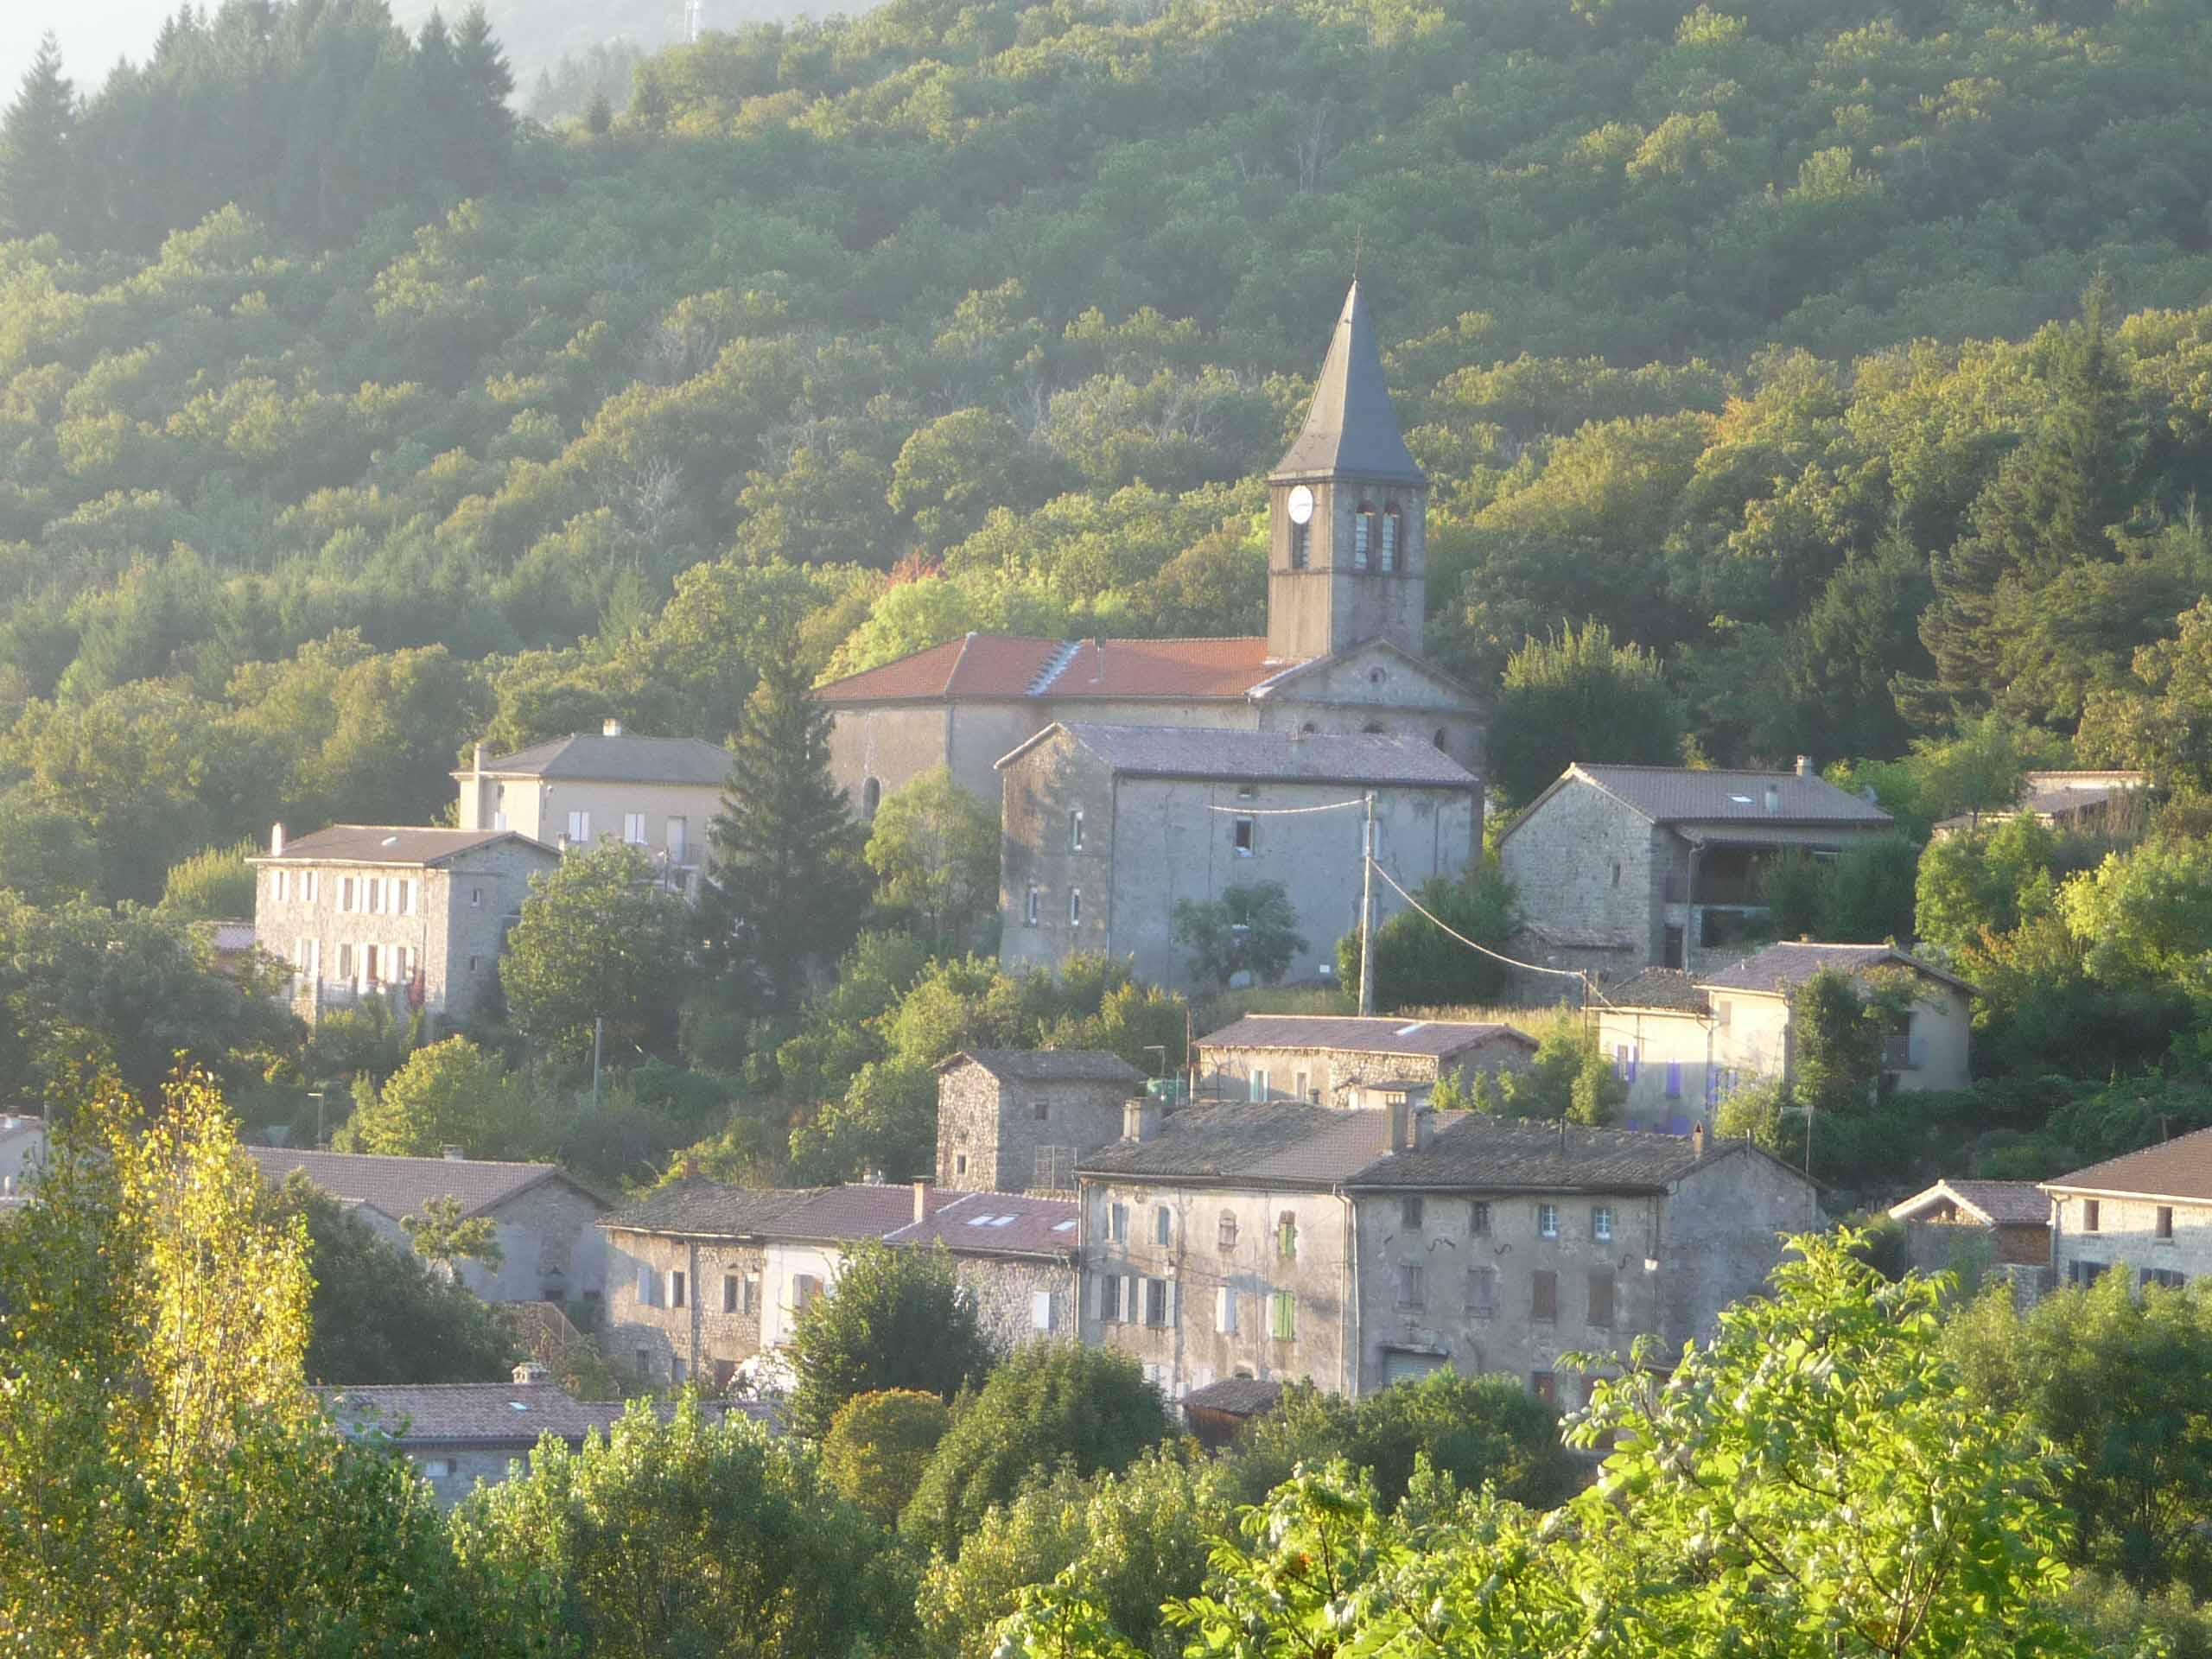 La Souche